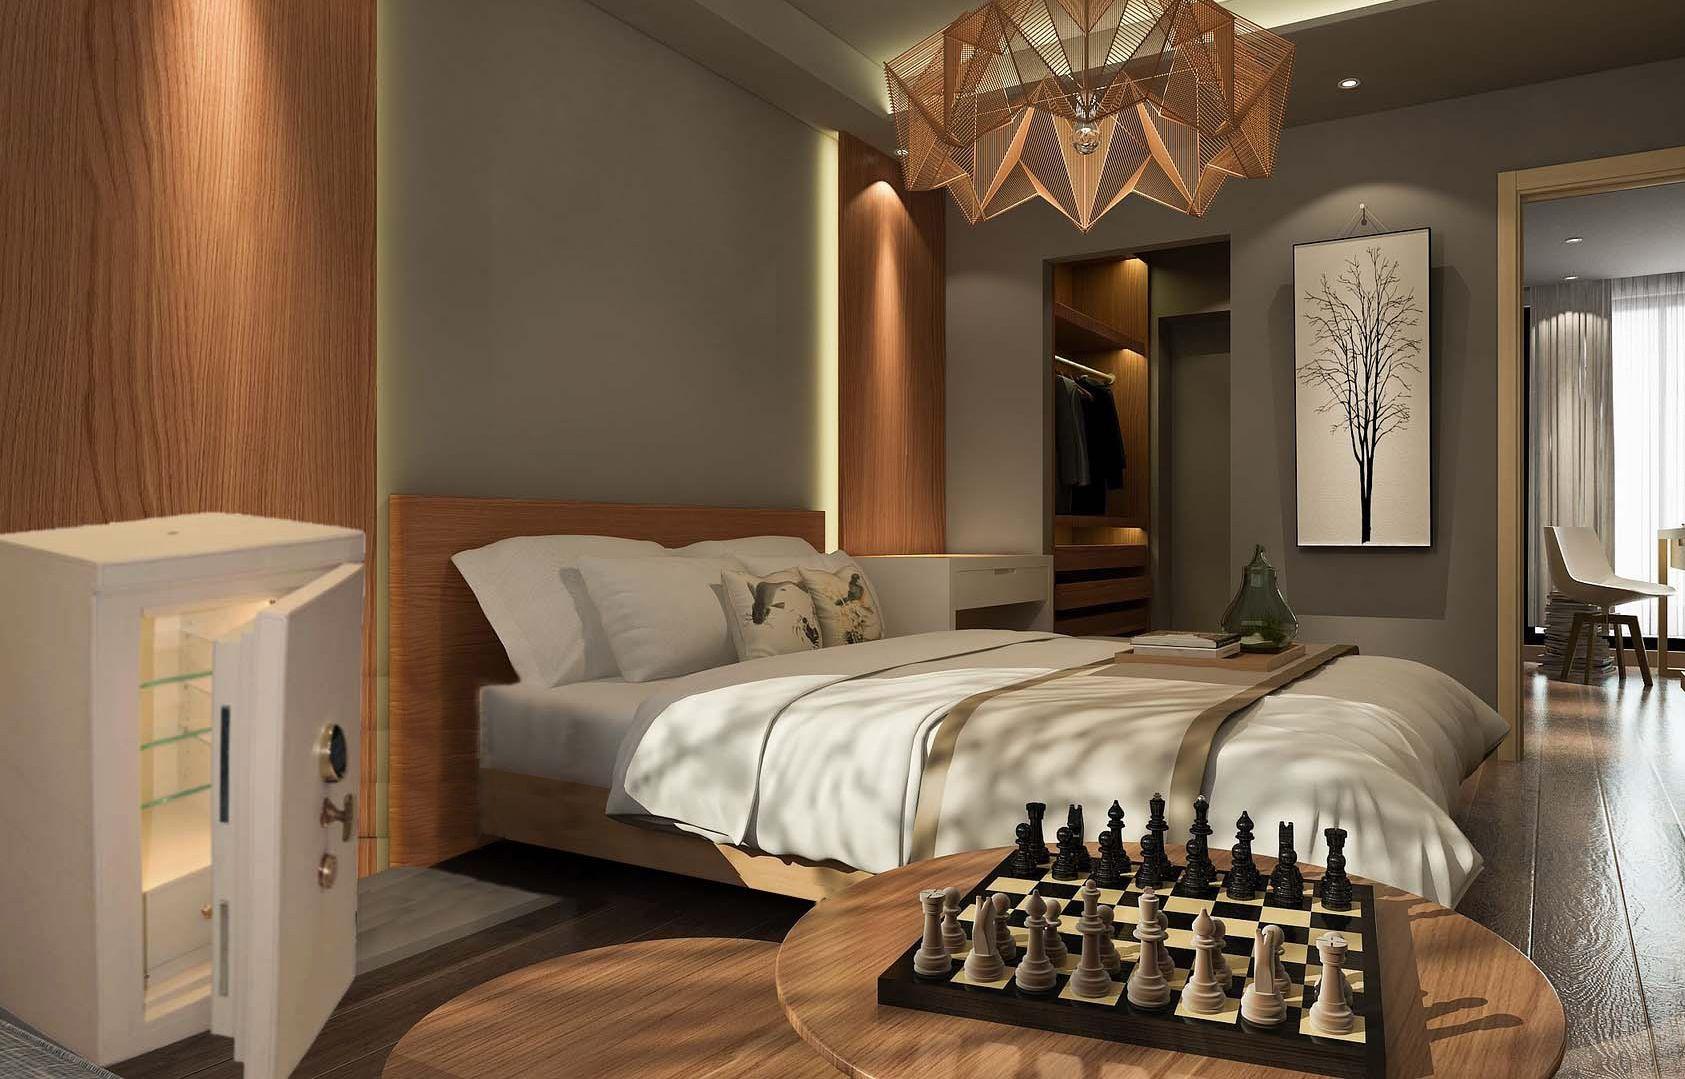 cassaforte di lusso in camera da letto Luxury safe in bedroom ...